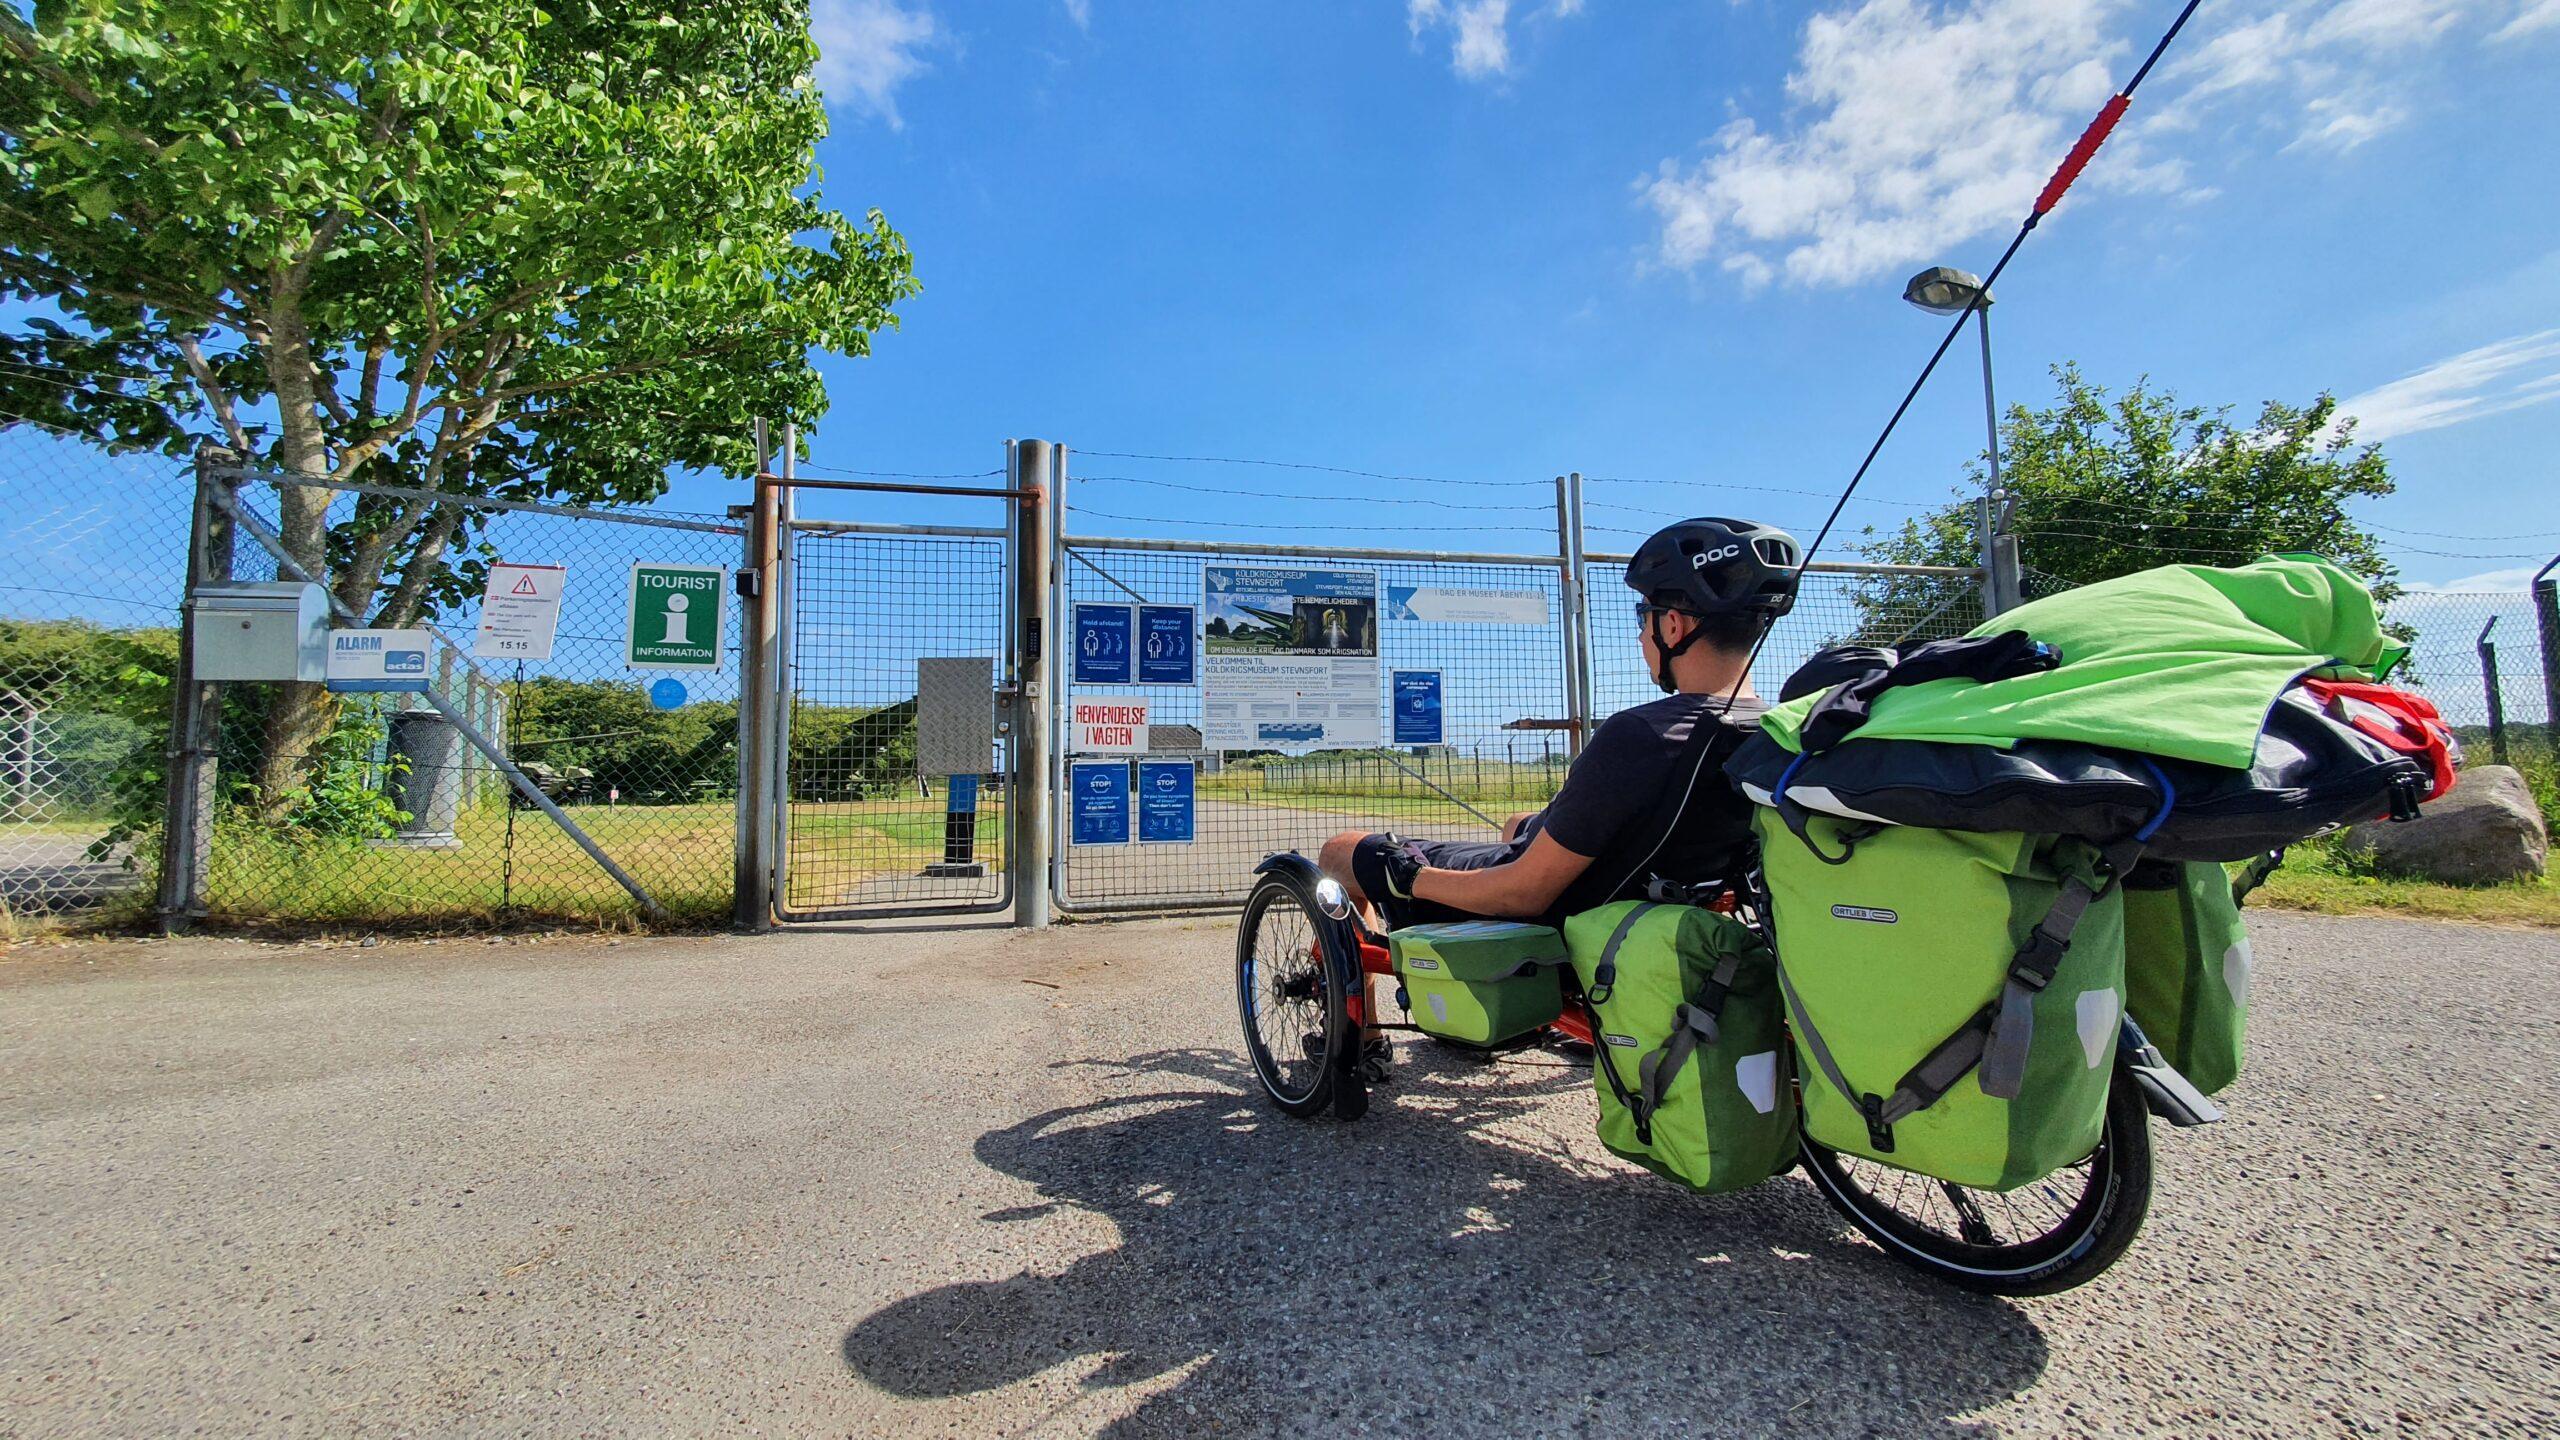 Sakwy Ortlieb, HP Velotechnik Scorpion FX, rowerem przez Danię